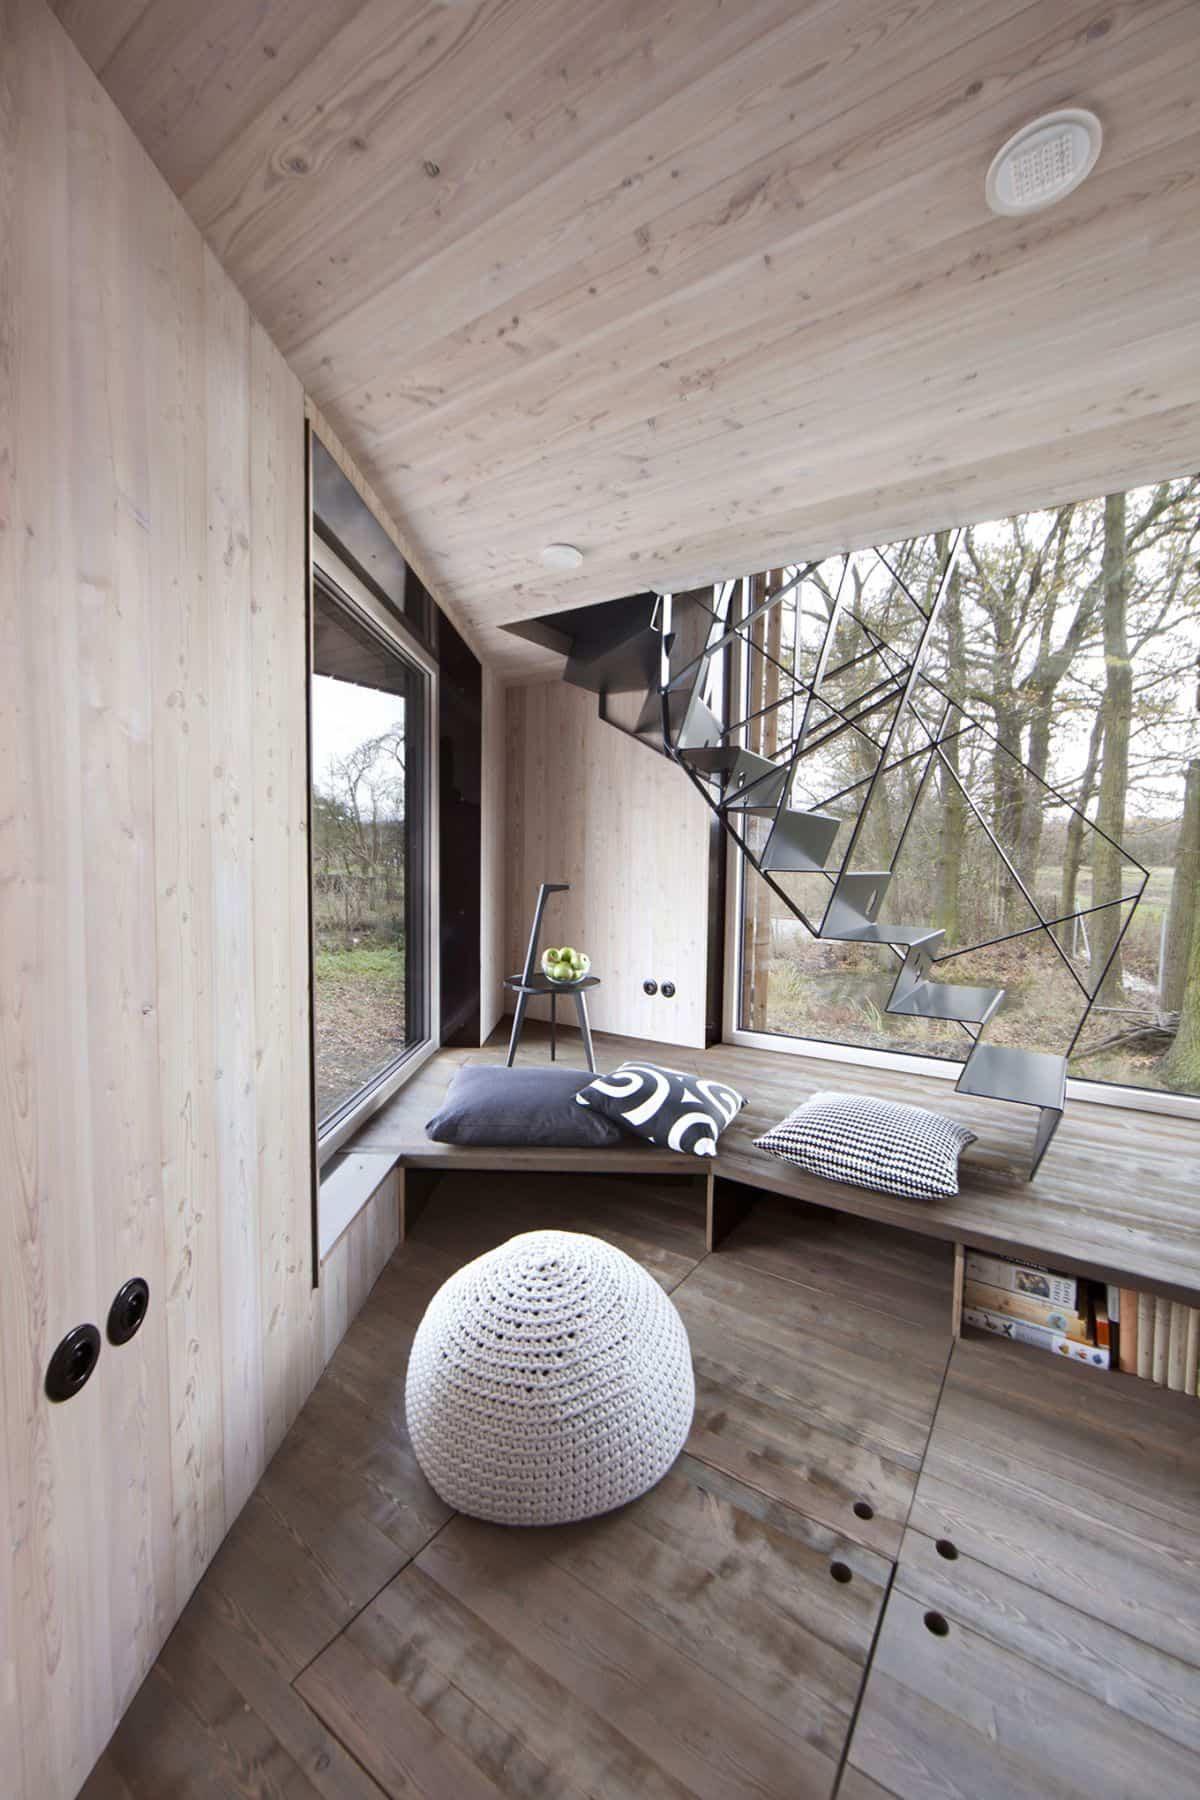 Casa de madera Zilvar - escalera metálica moderna